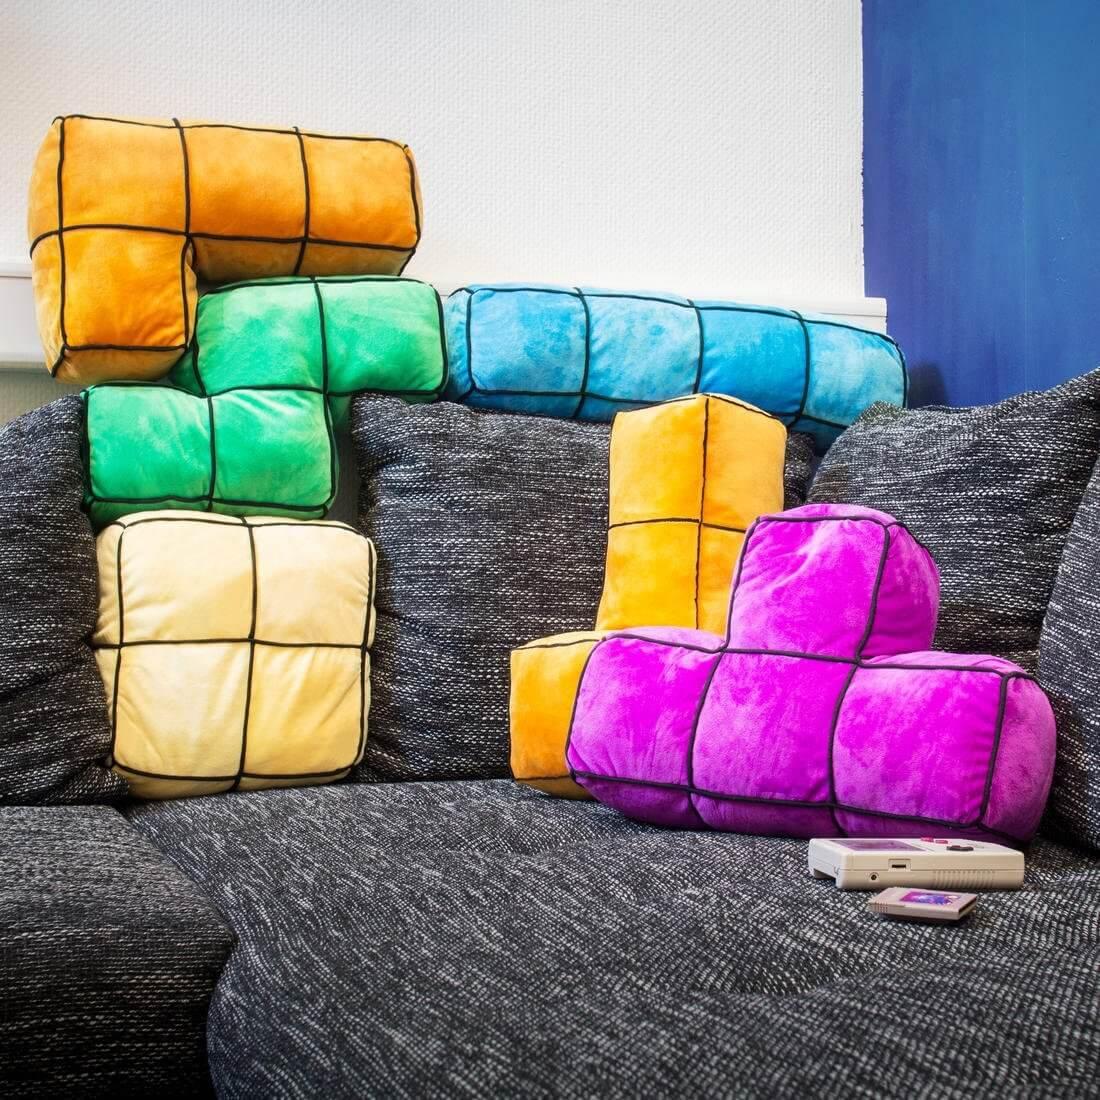 Nerd Geschenke - Die besten Gadgets für Geeks - Tetris Dekokissen - Dekoration im Retro Design - Gaming Kissen